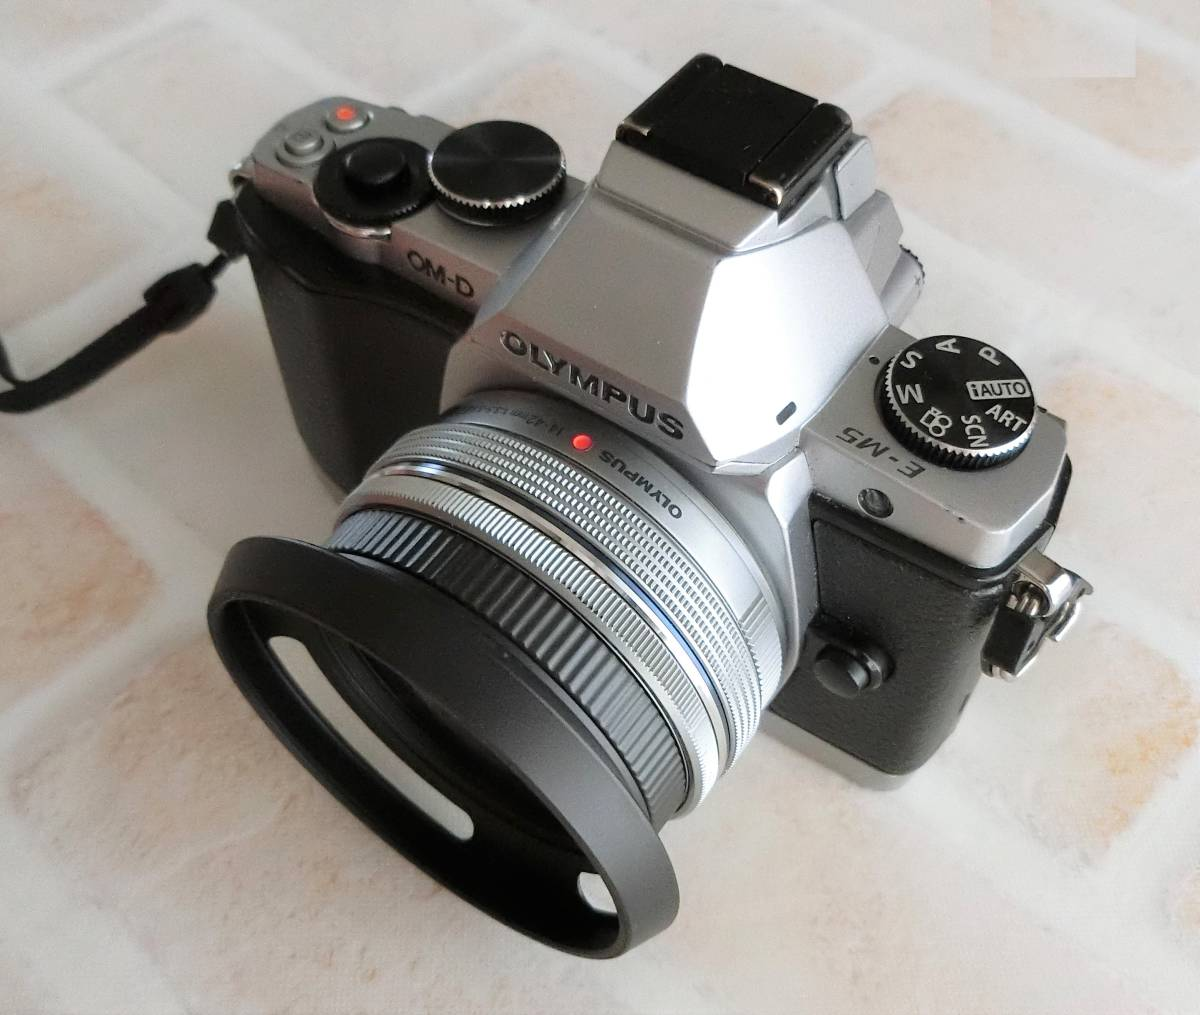 【新品/送料185円】OLYMPAS 黒 フード付き 自動開閉式レンズキャップ LC-37C-20 オリンパス E-M10 E-M5 E-M1 レンズ キャップ ブラック JJC_画像5